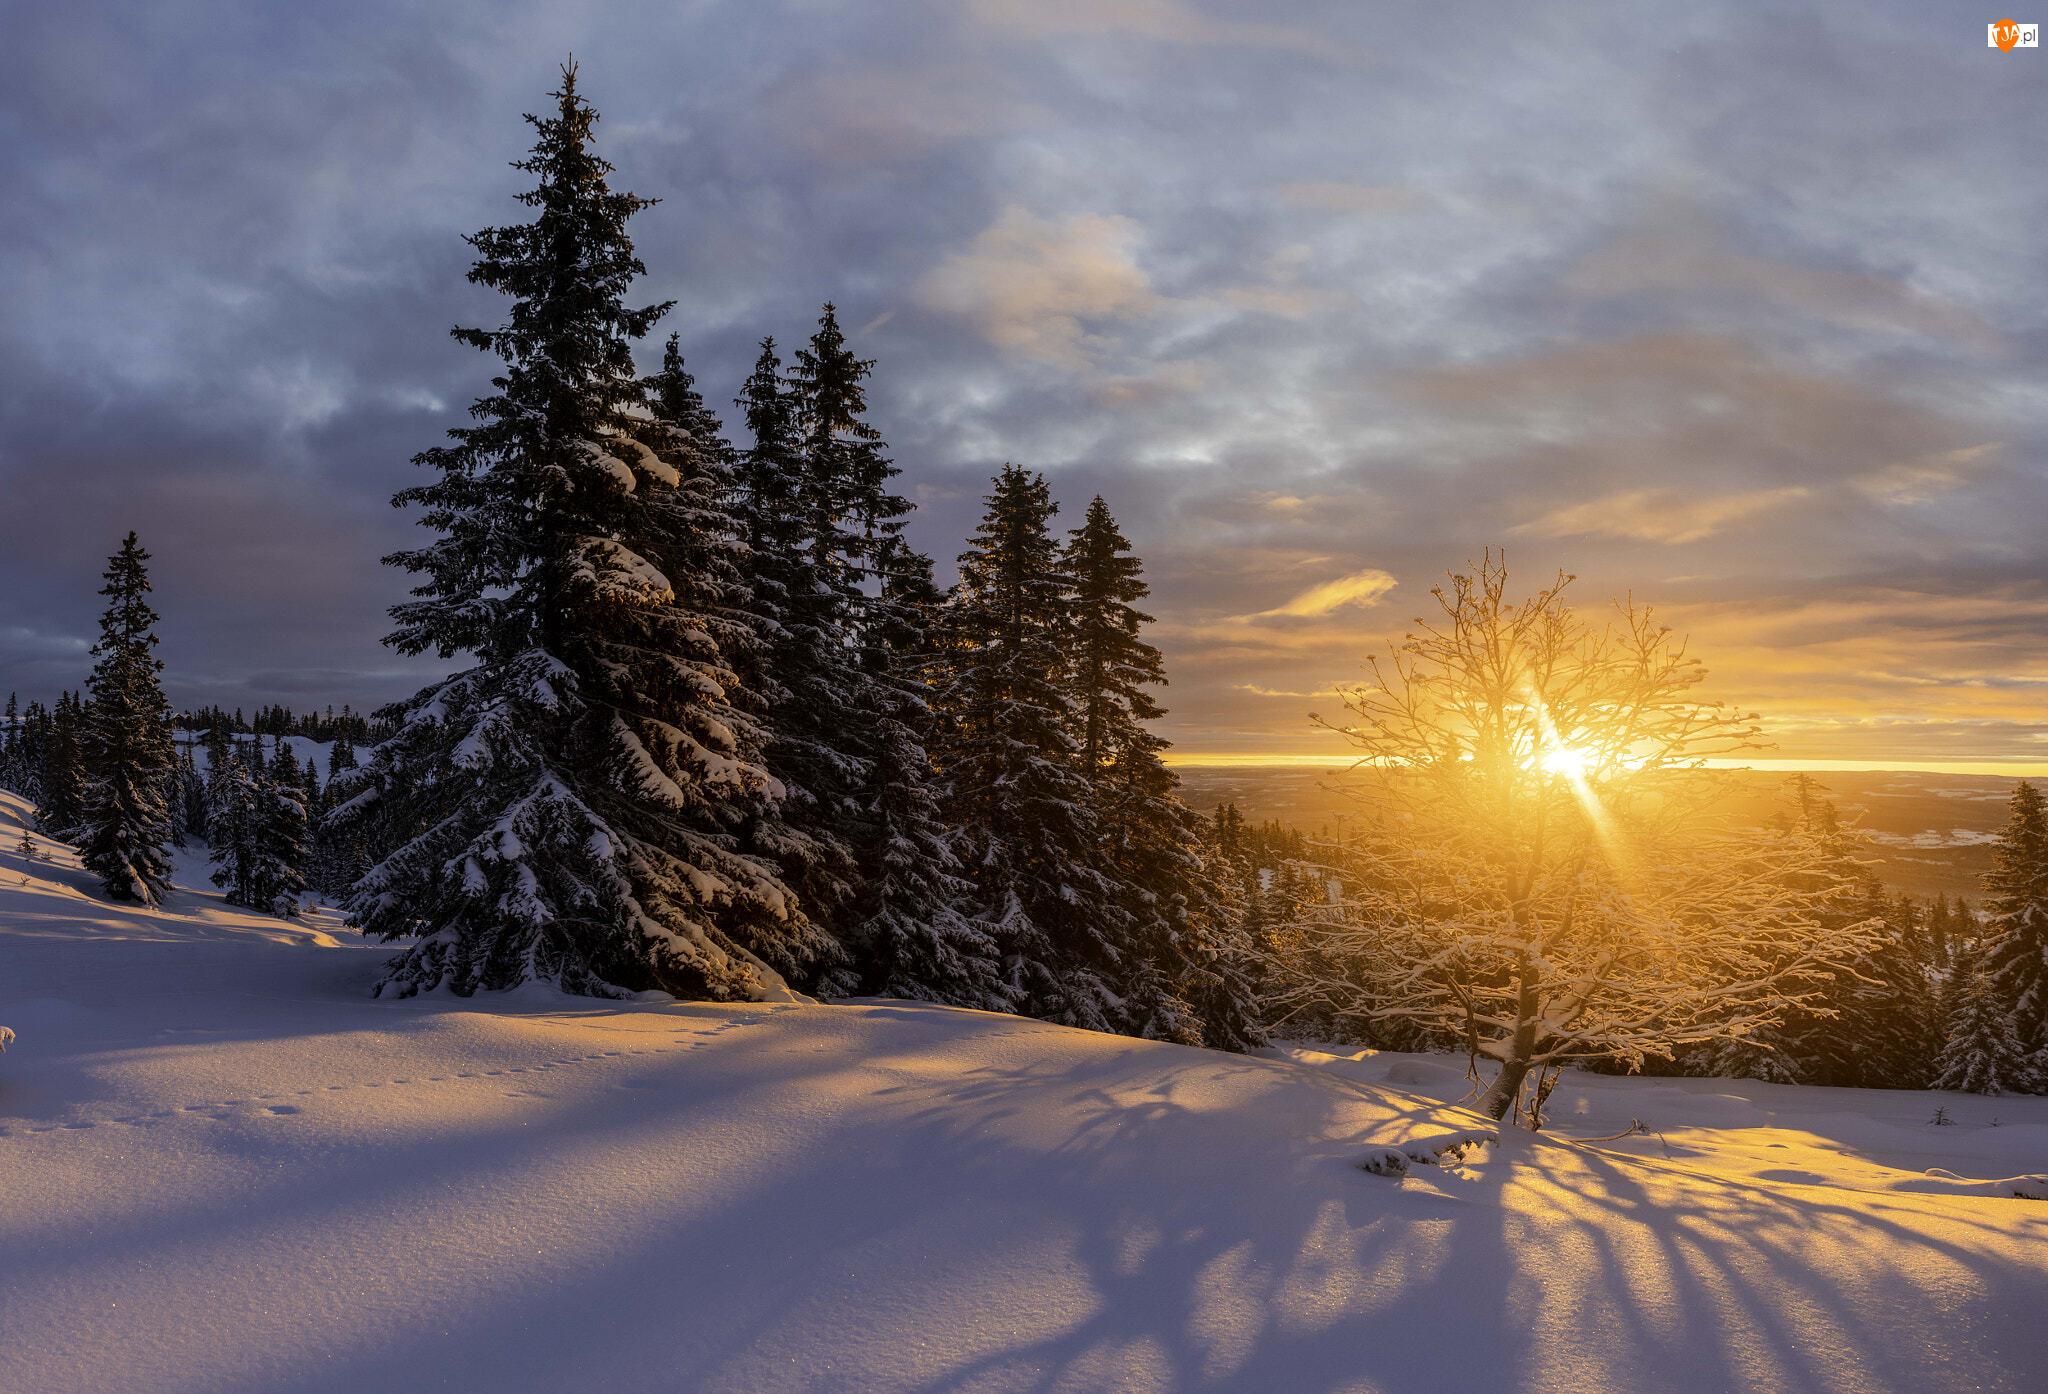 Drzewa, Chmury, Zachód słońca, Zima, Śnieg